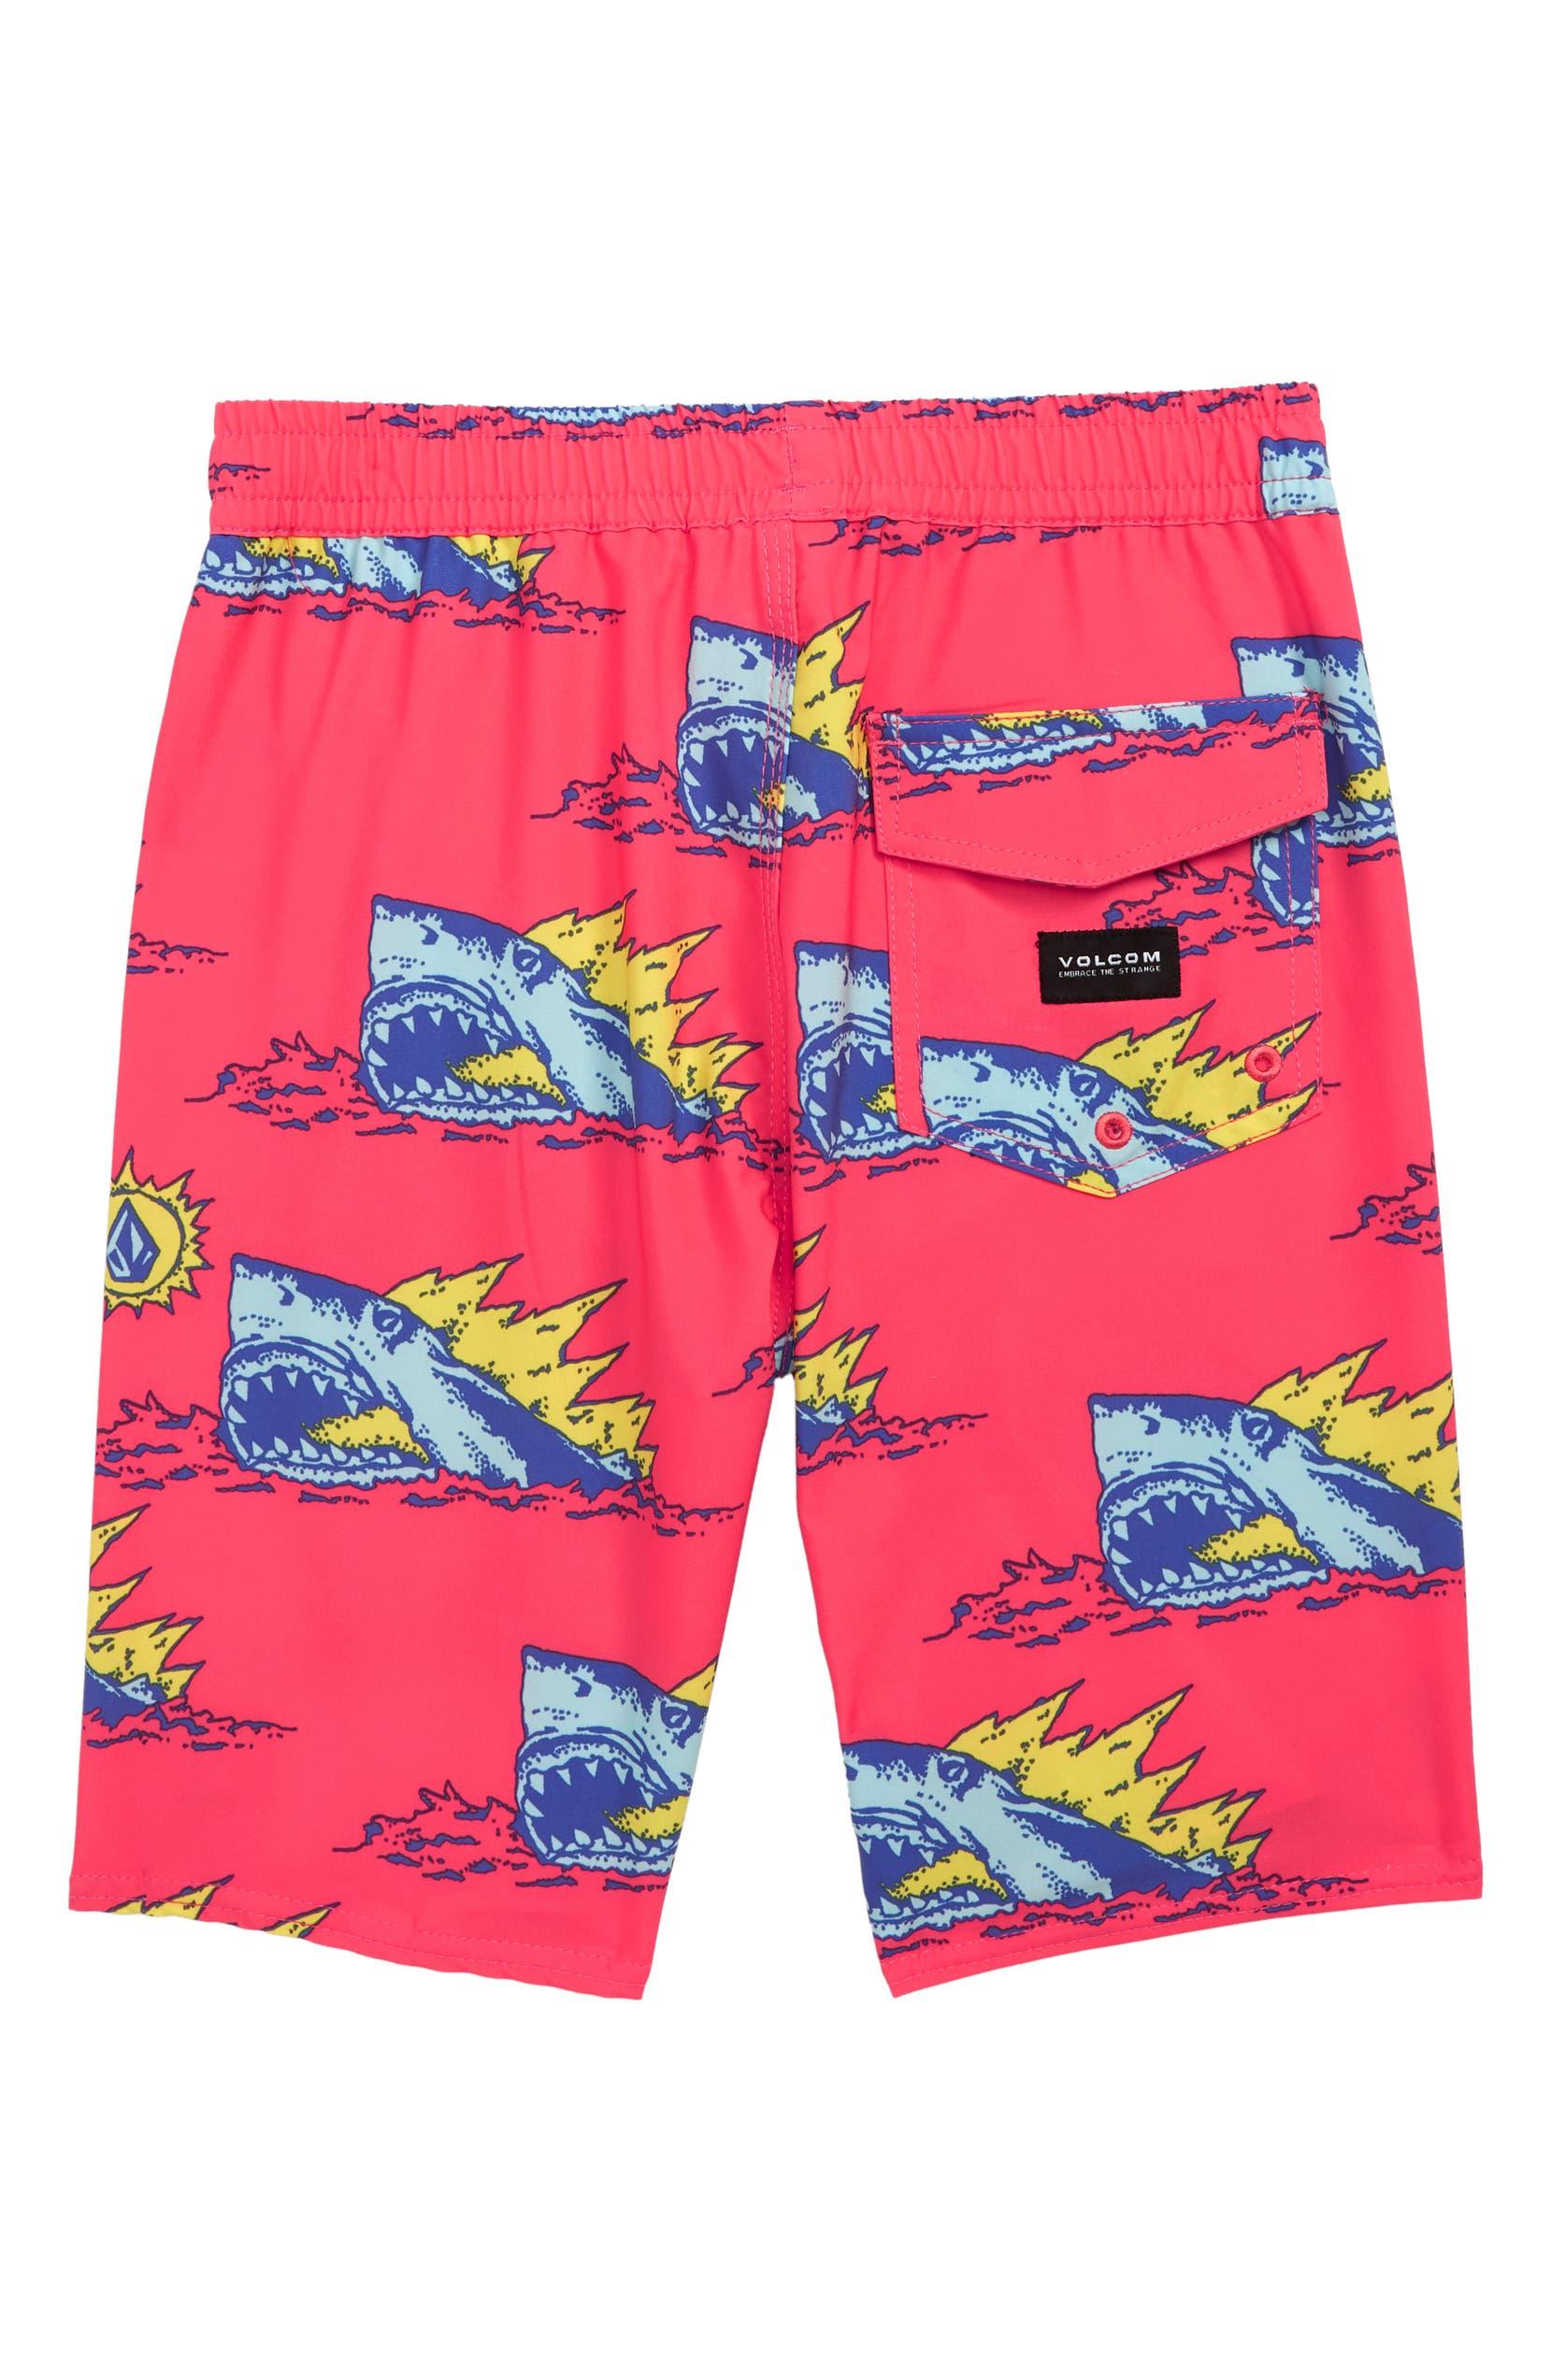 dd6f074445 Volcom Duhh Dunt Swim Trunks (Toddler Boys & Little Boys)   Nordstrom